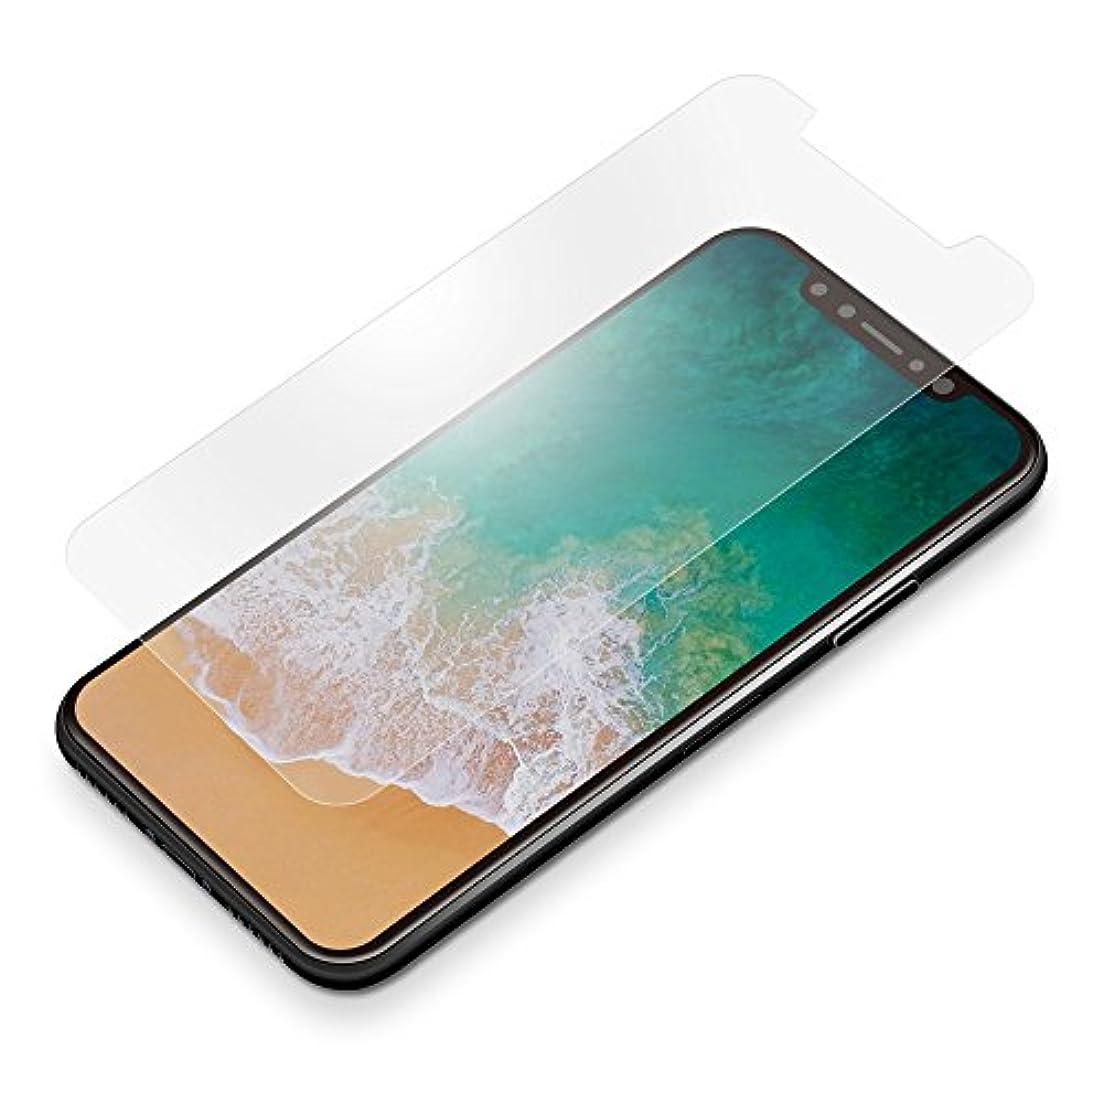 喜ぶ倉庫軽蔑PGA iPhone X フィルム 曲面追従TPU 液晶保護フィルム 衝撃吸収 アンチグレア PG-17XSF12 PG-17XSF12